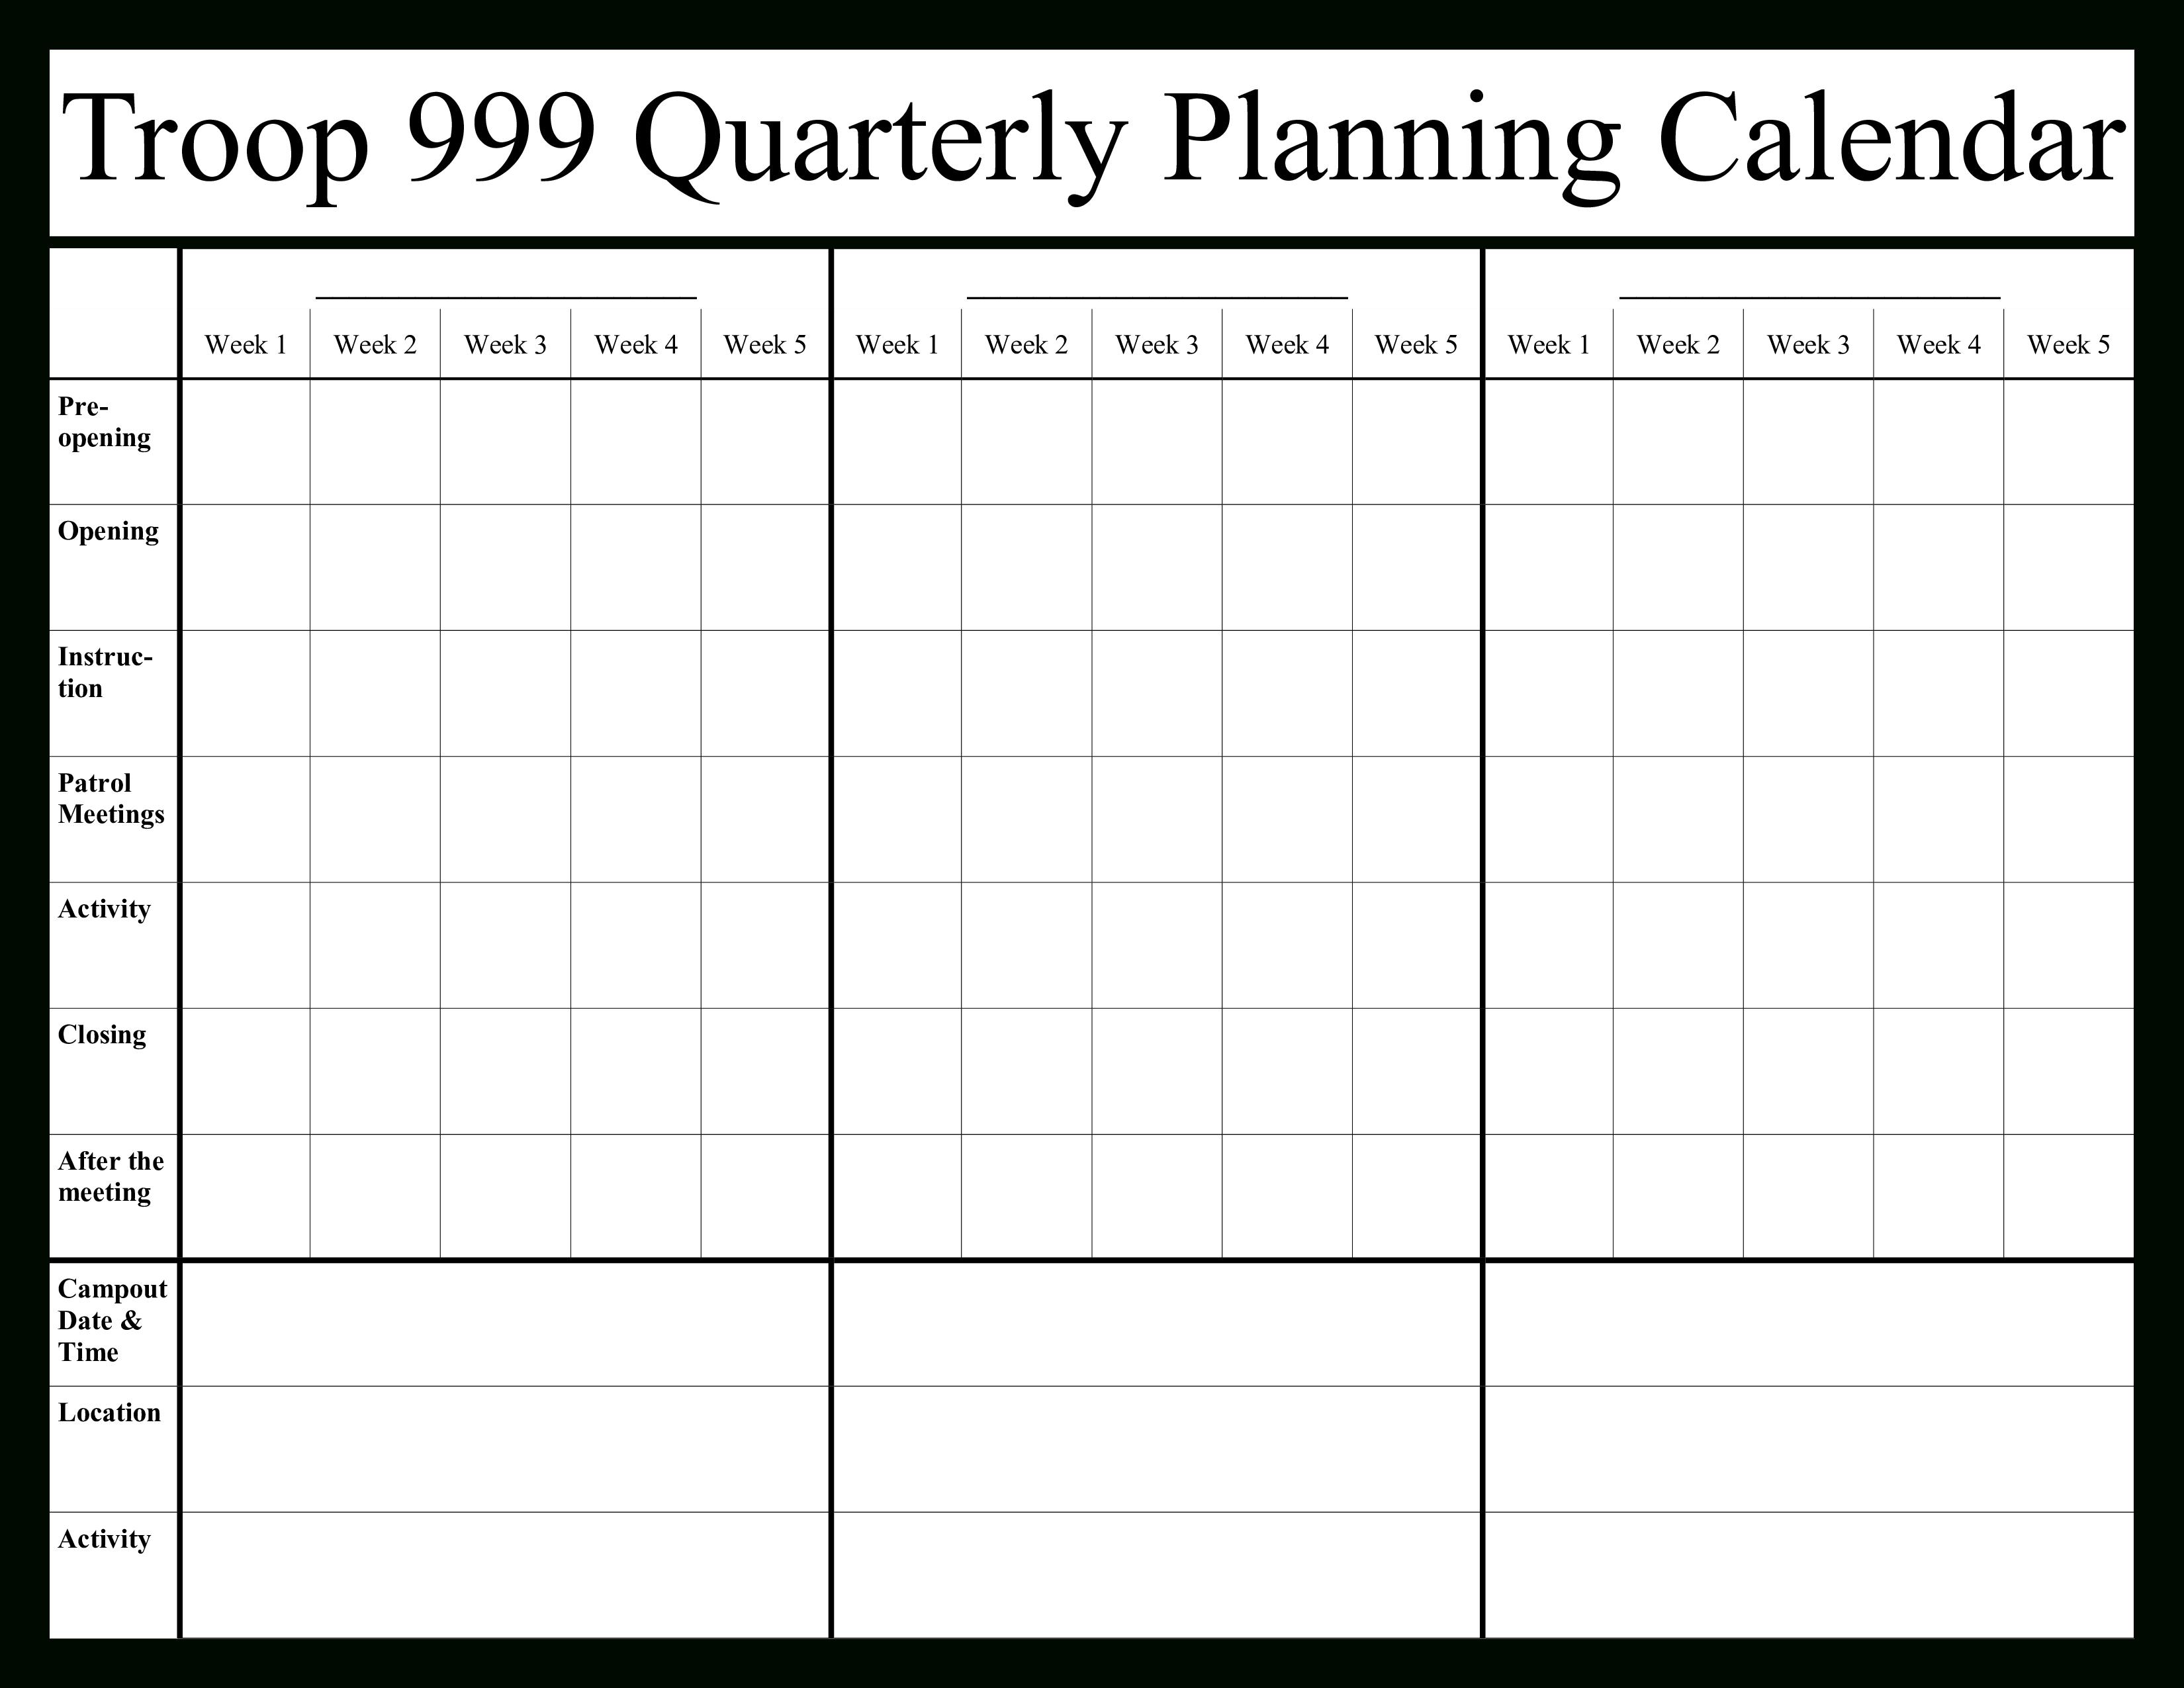 Quarterly Calendar 2020 | Templates At Allbusinesstemplates with regard to Excel Quarterly Calendar